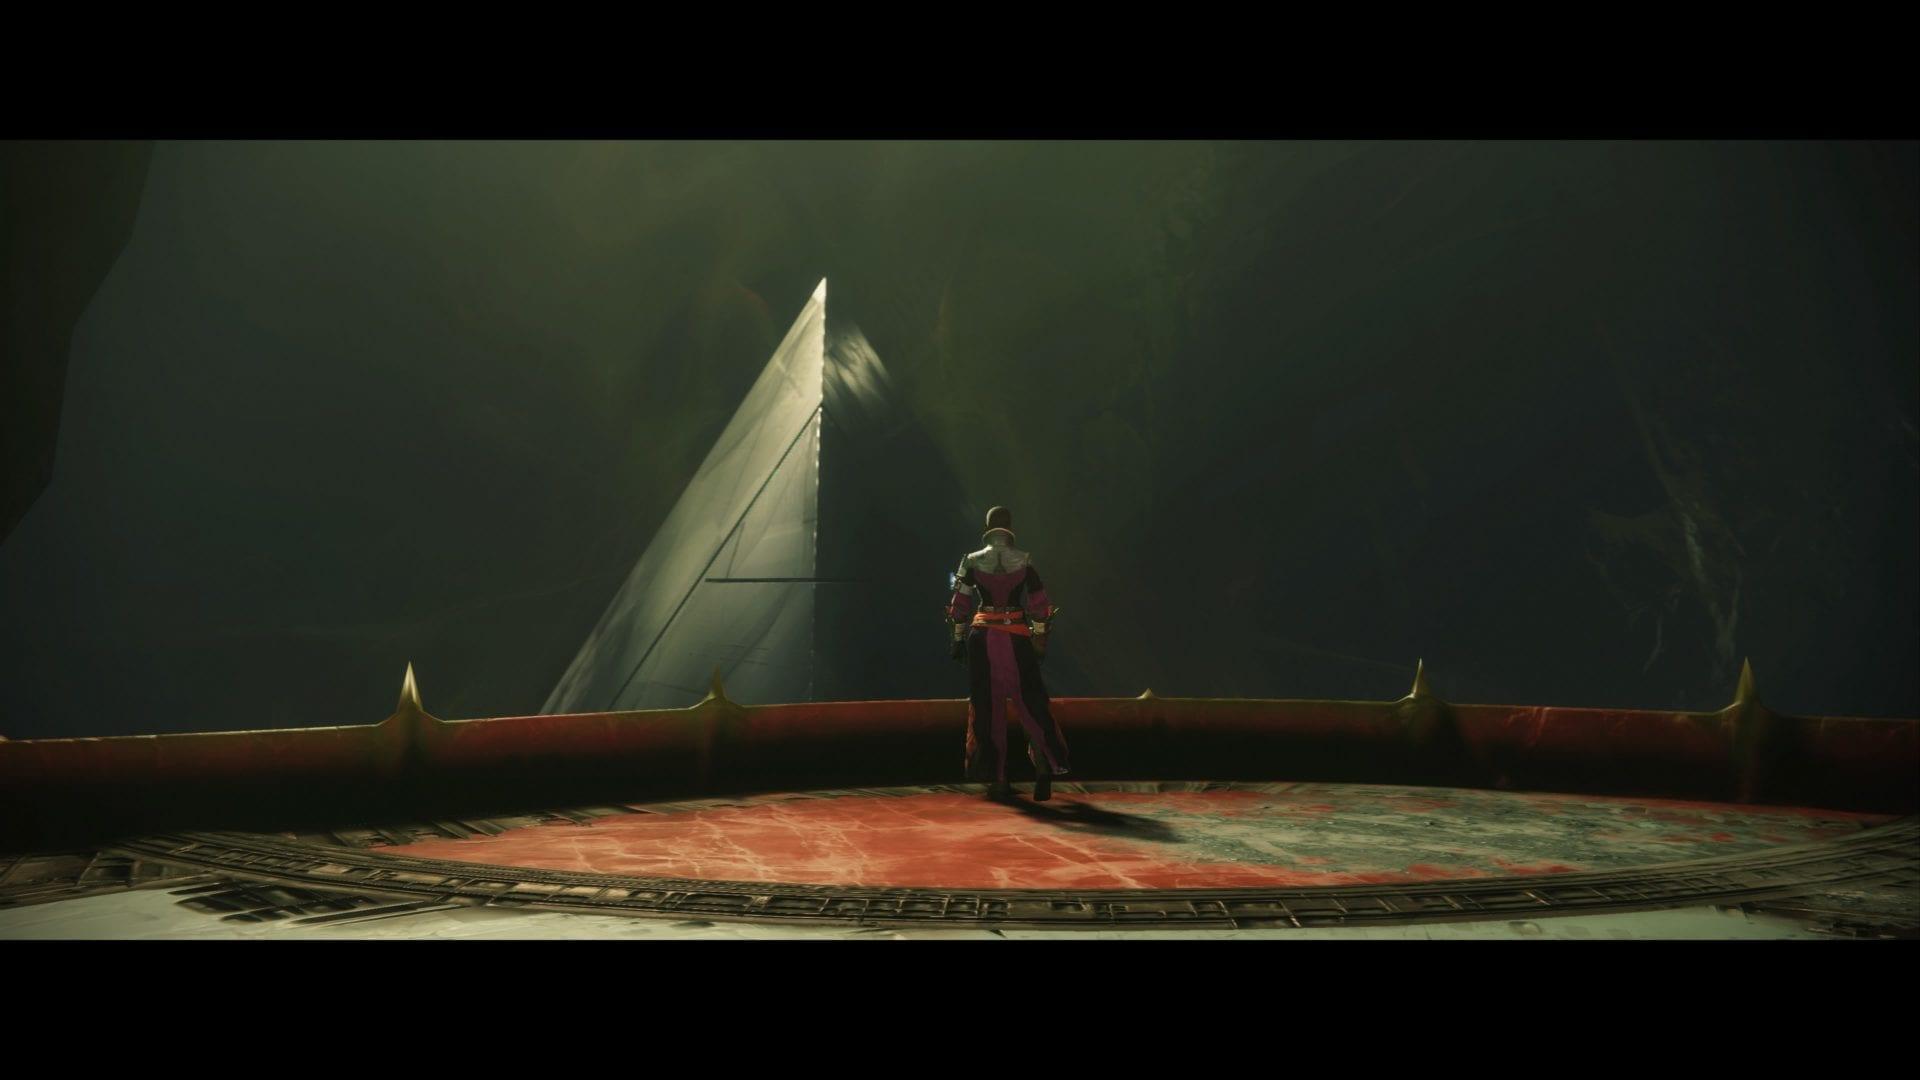 destiny 2, black pyramid ship